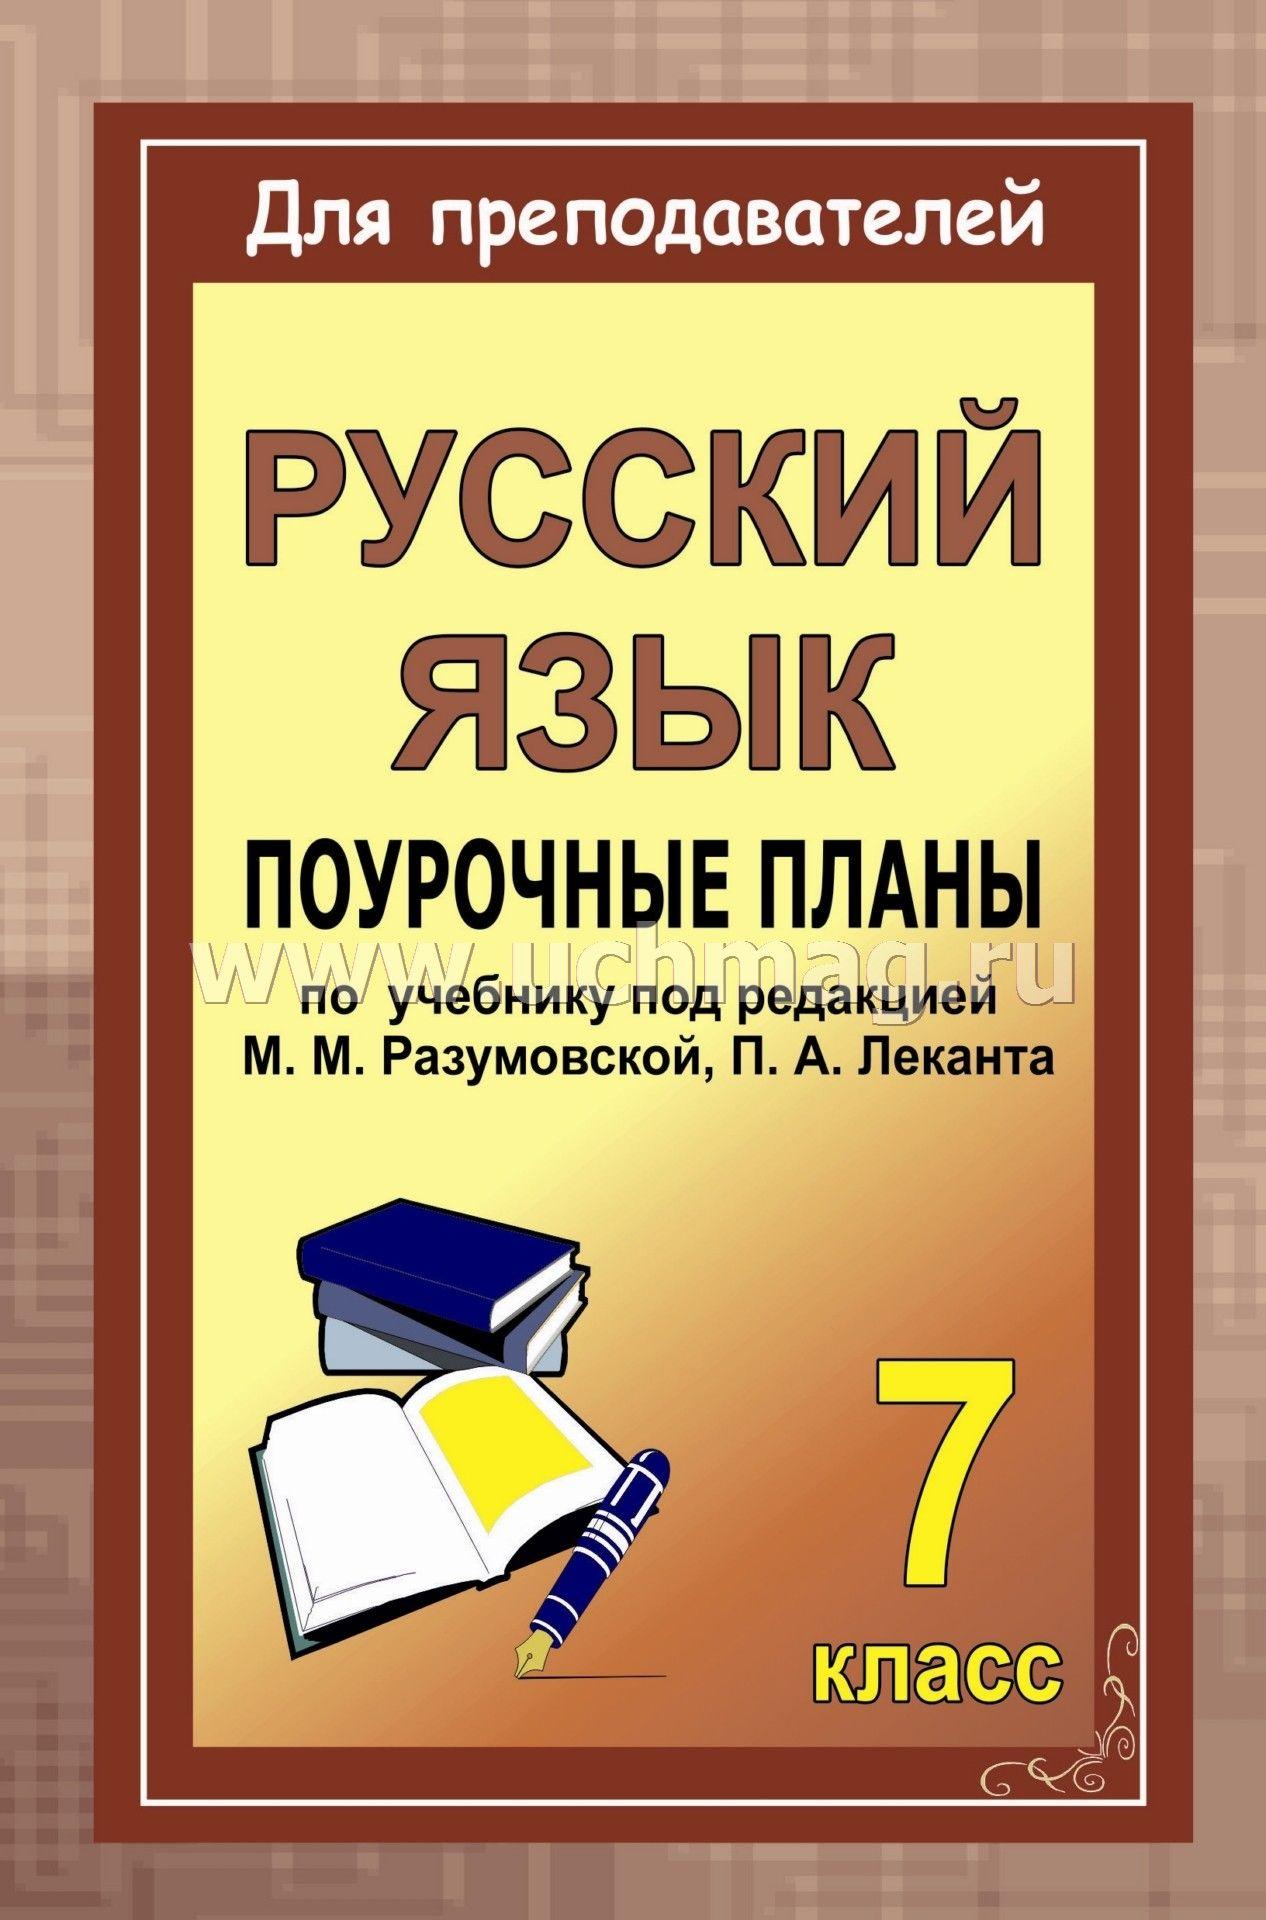 pogorelov-uchebnik-russkiy-yazik-7-klass-razumovskaya-chitat-skazki